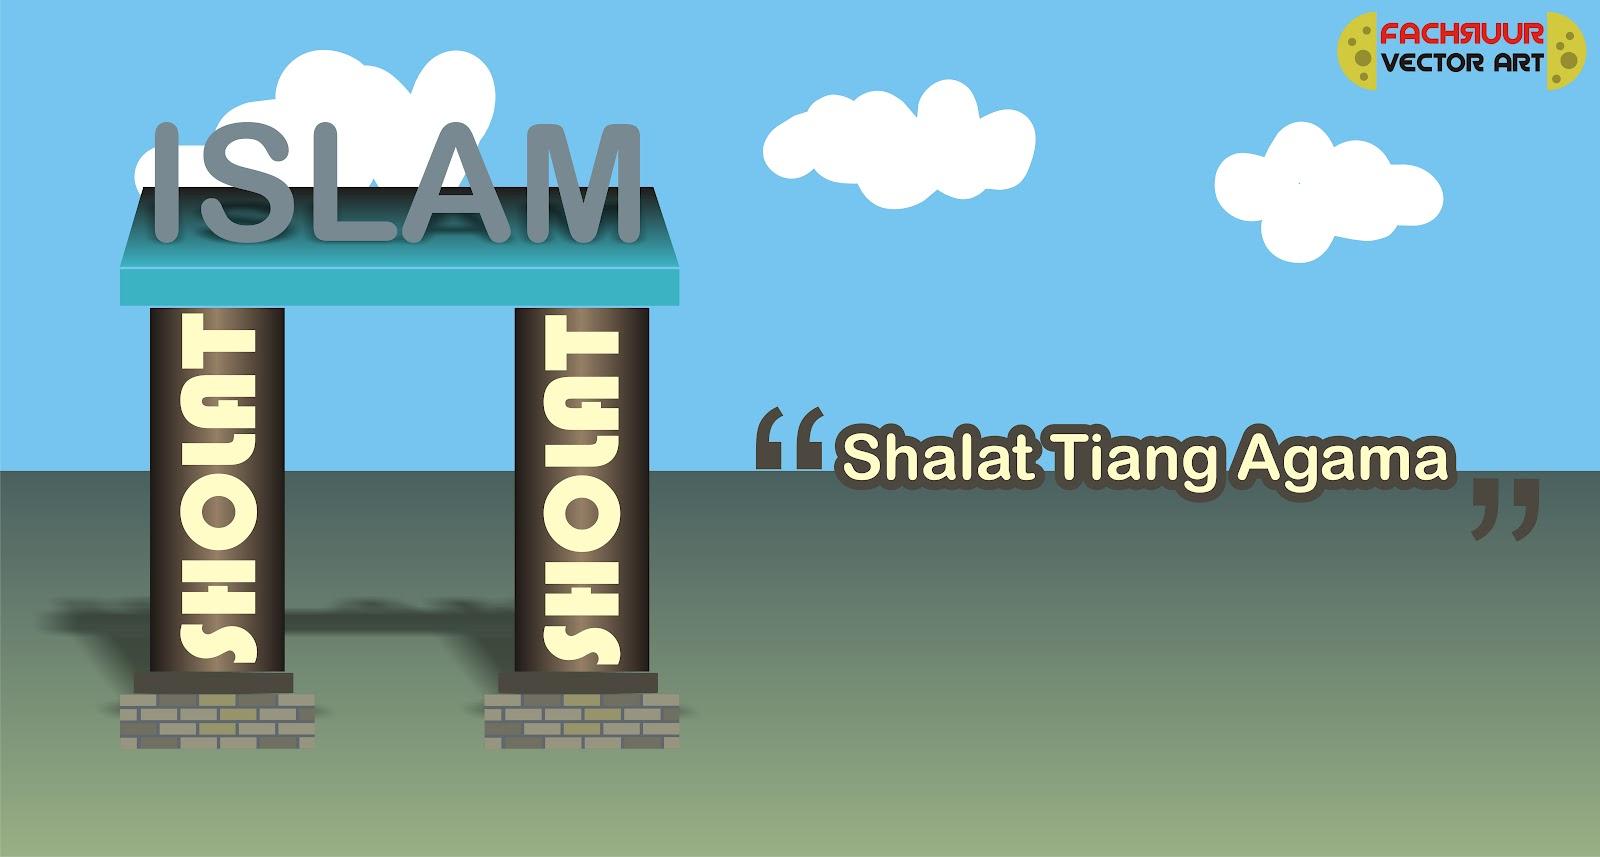 SHALAT ADALAH TIANG AGAMA